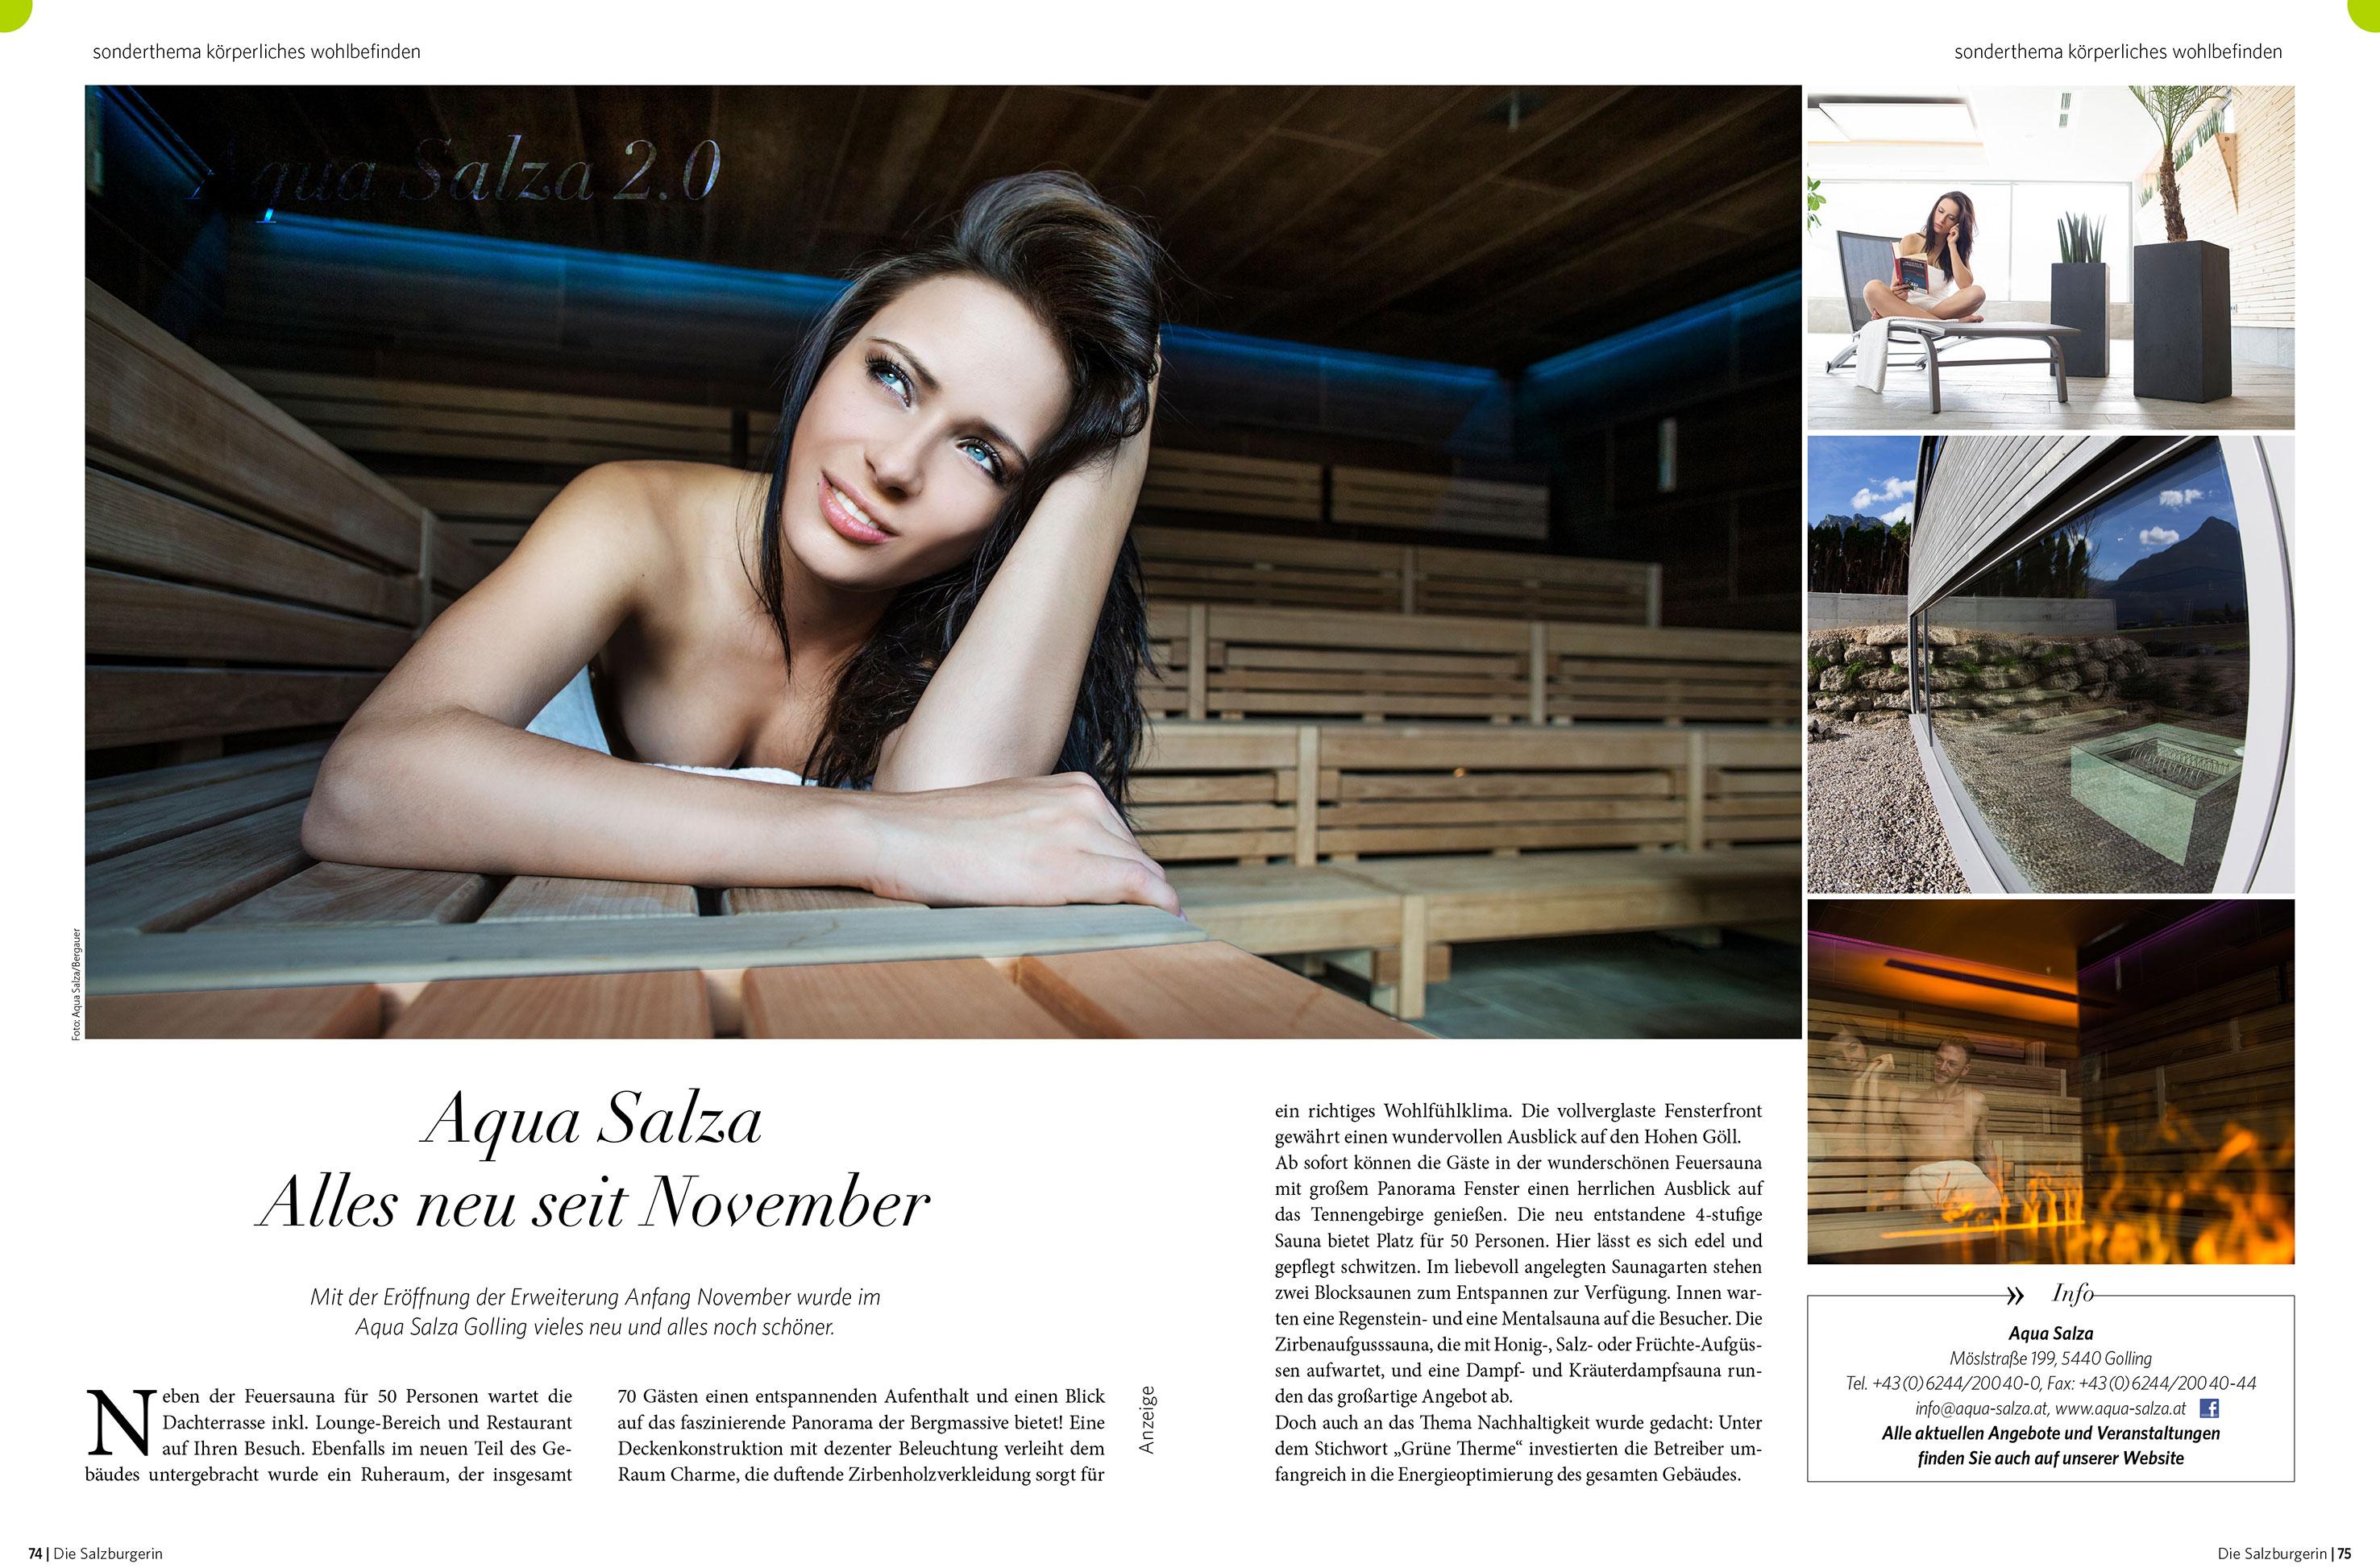 herme Aqua Salza - Werbefotografie